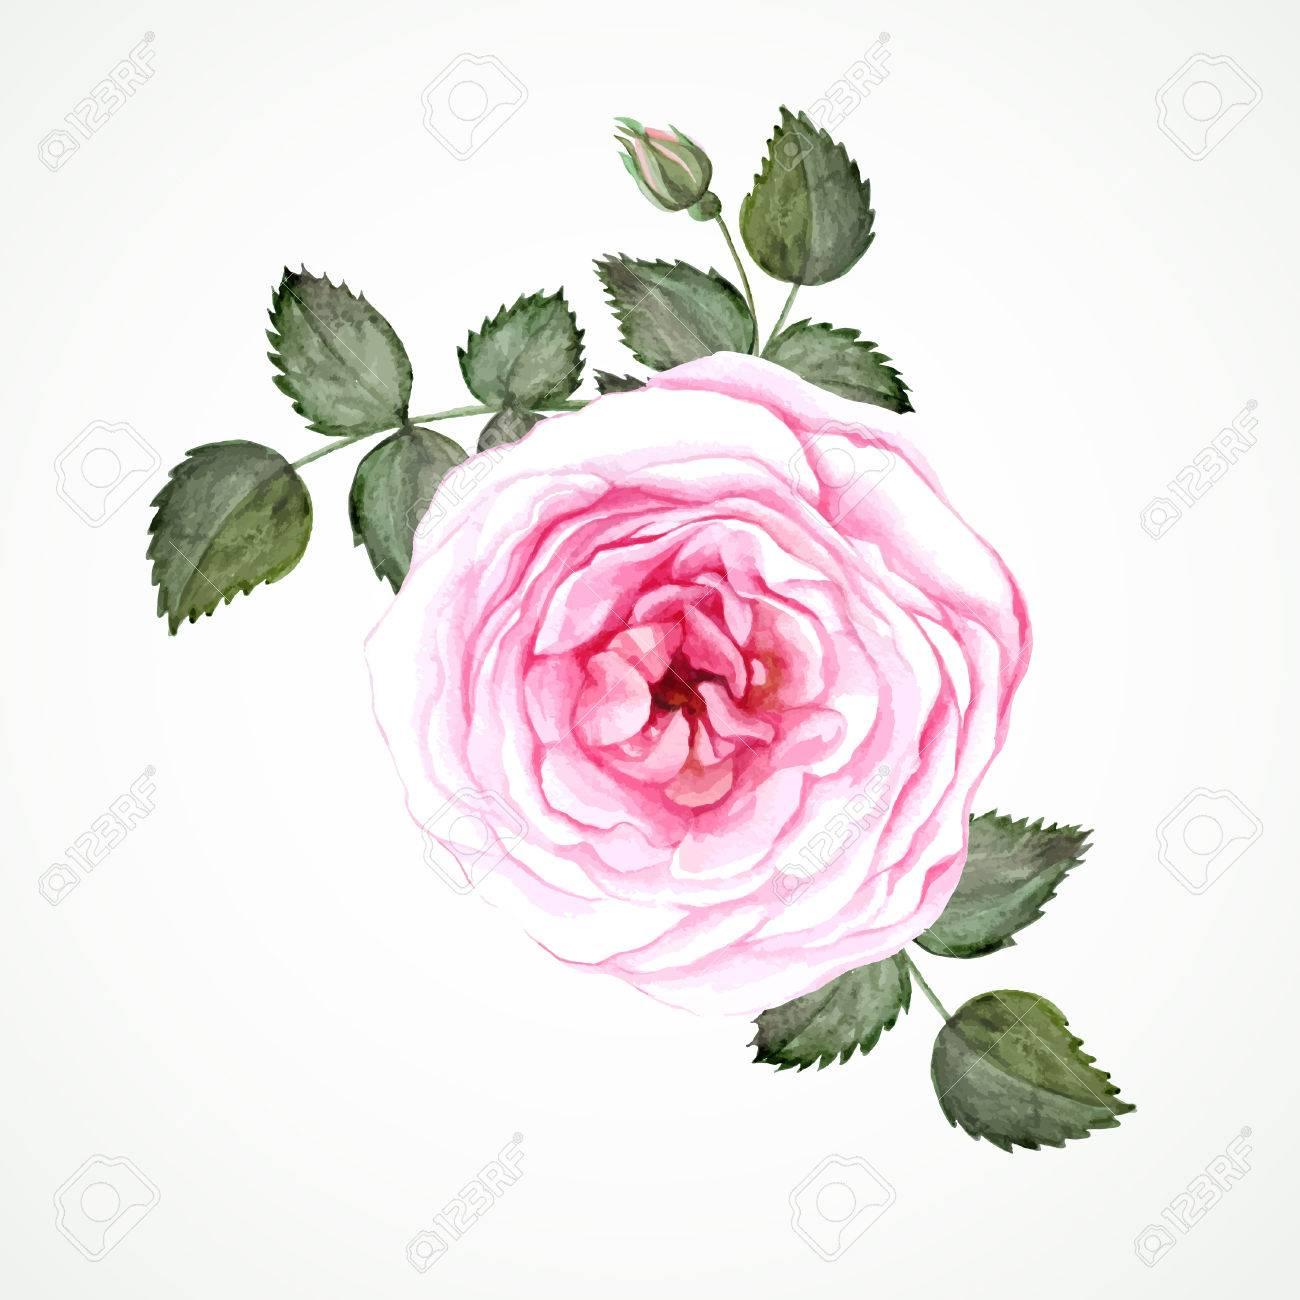 Archivio Fotografico , Tè Rosa rosa fiore con foglie e gemme. Immagine  Acquerello vettore.